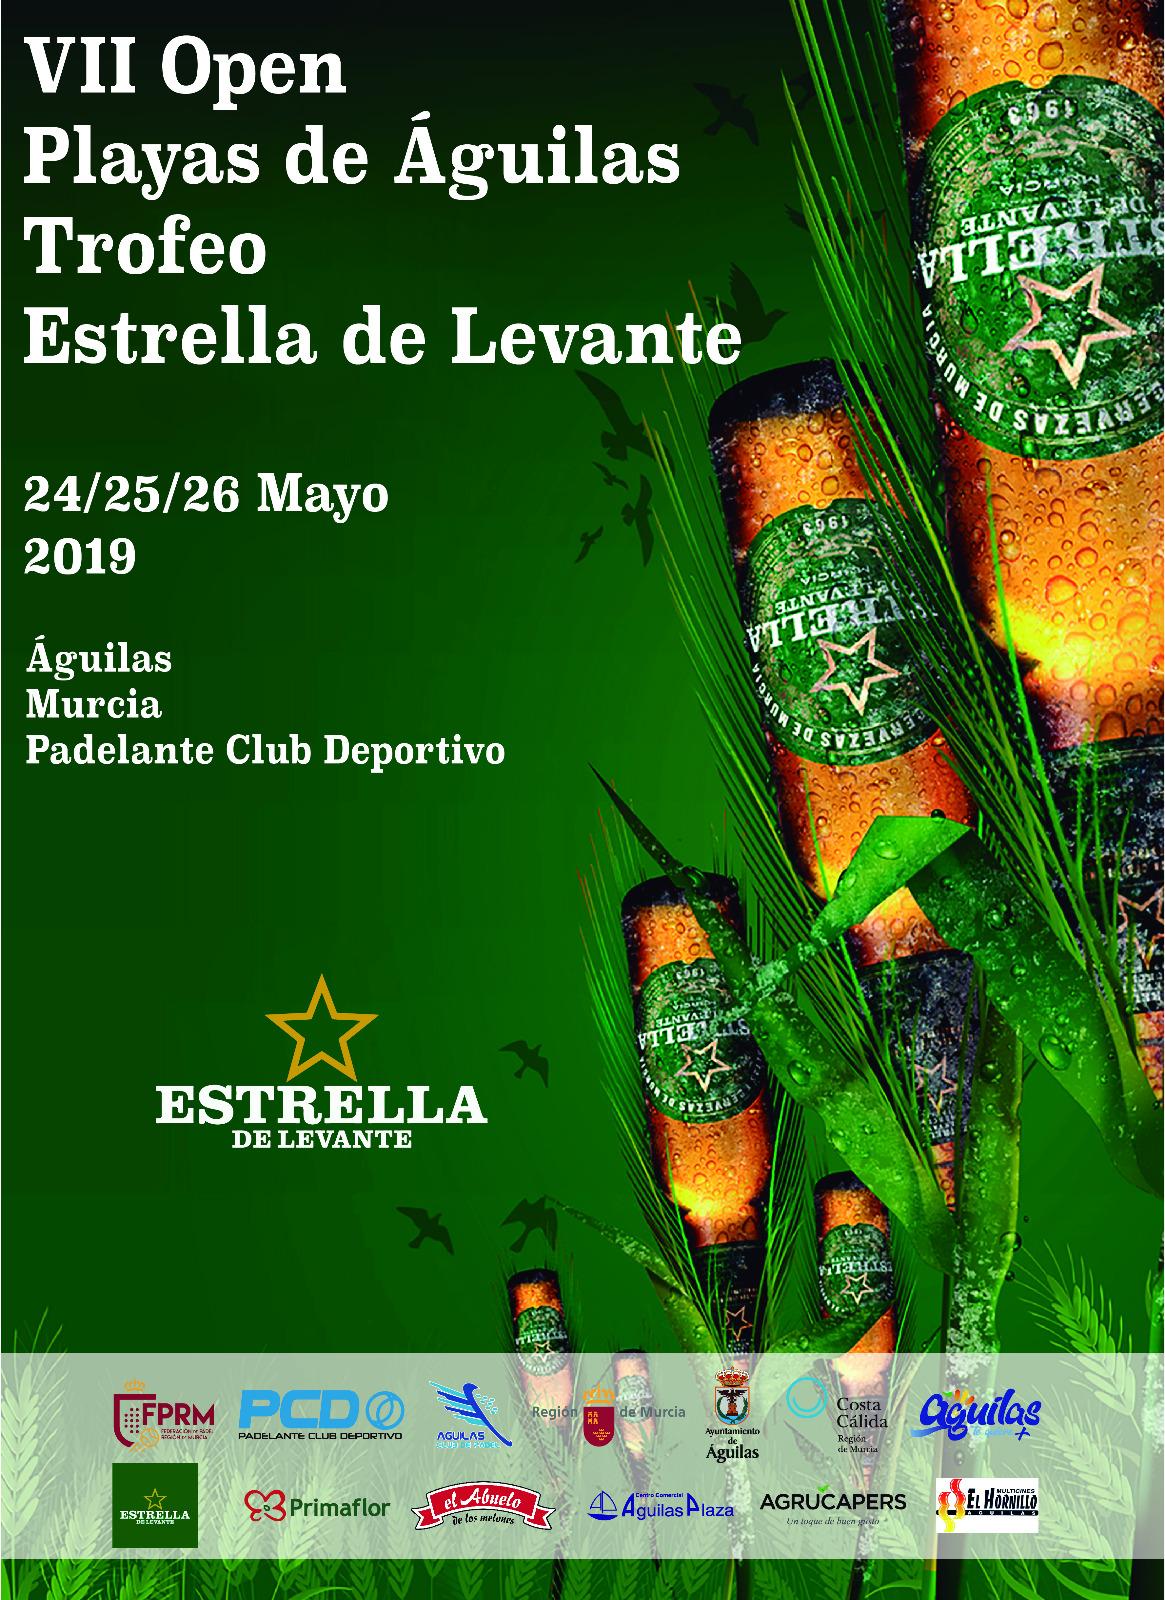 Trofeo Estrella de Levante 2019